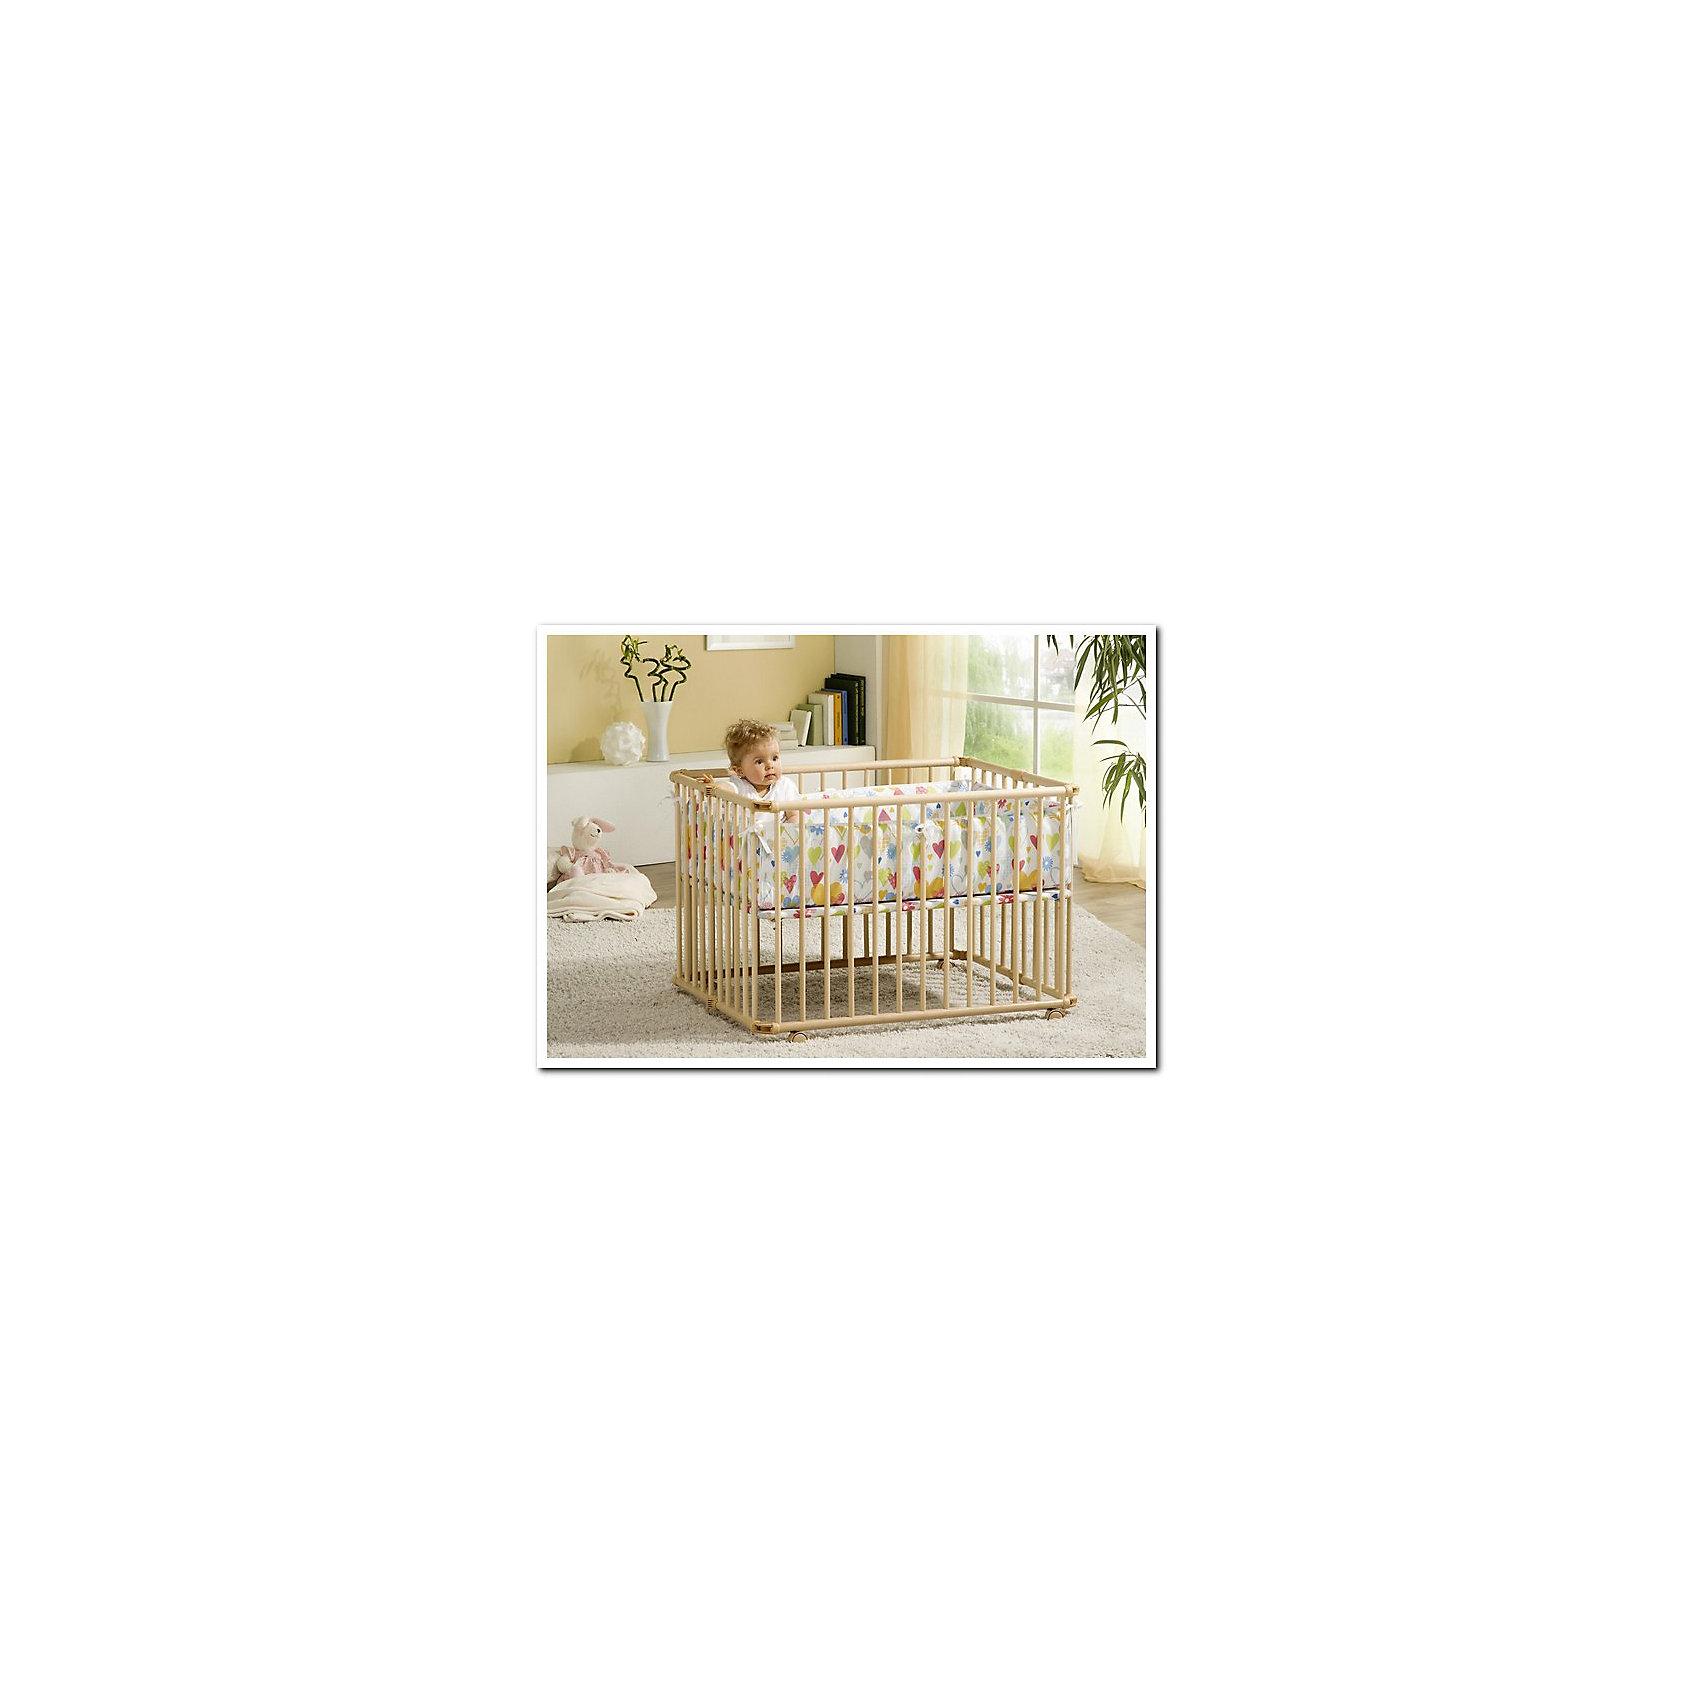 Кроватка-манеж 94.5*102см Lucilee, Geuther, натуральный